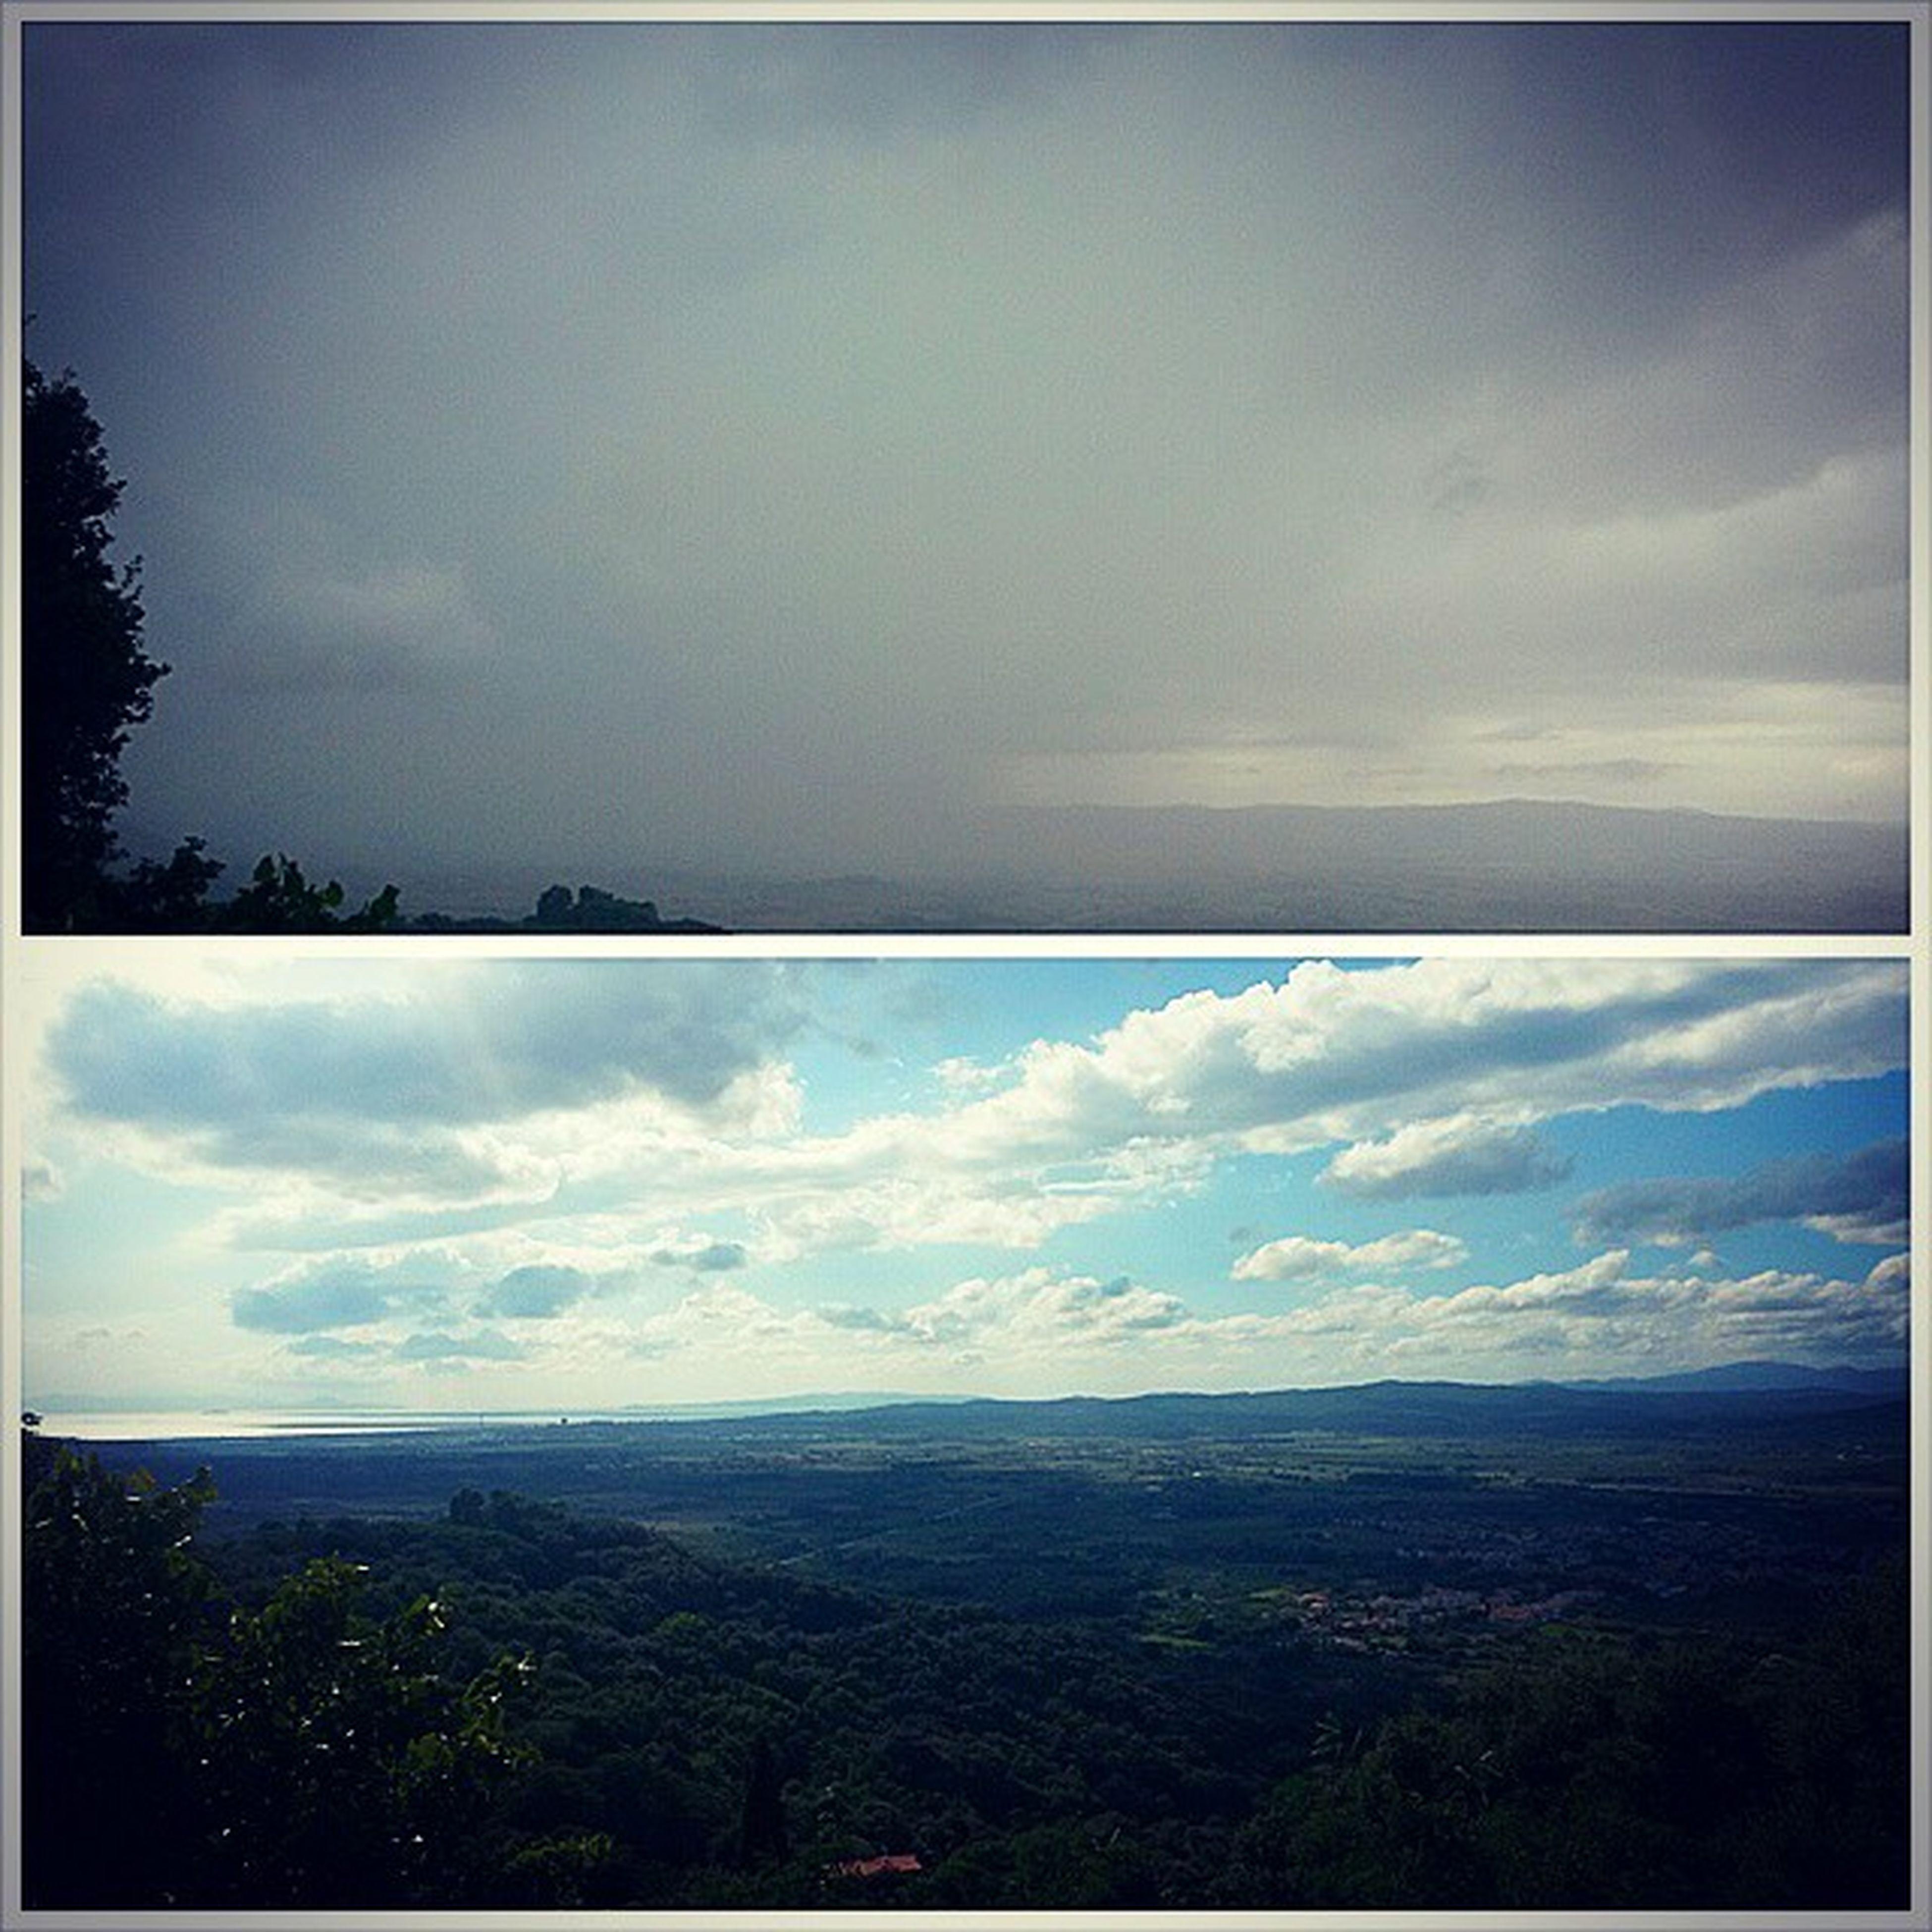 Primaedopo Tempopazzo Da15a30gradi Lestatequestannoècosì gavorrano toscana landscape follonica cloudy storm rain sunny sky